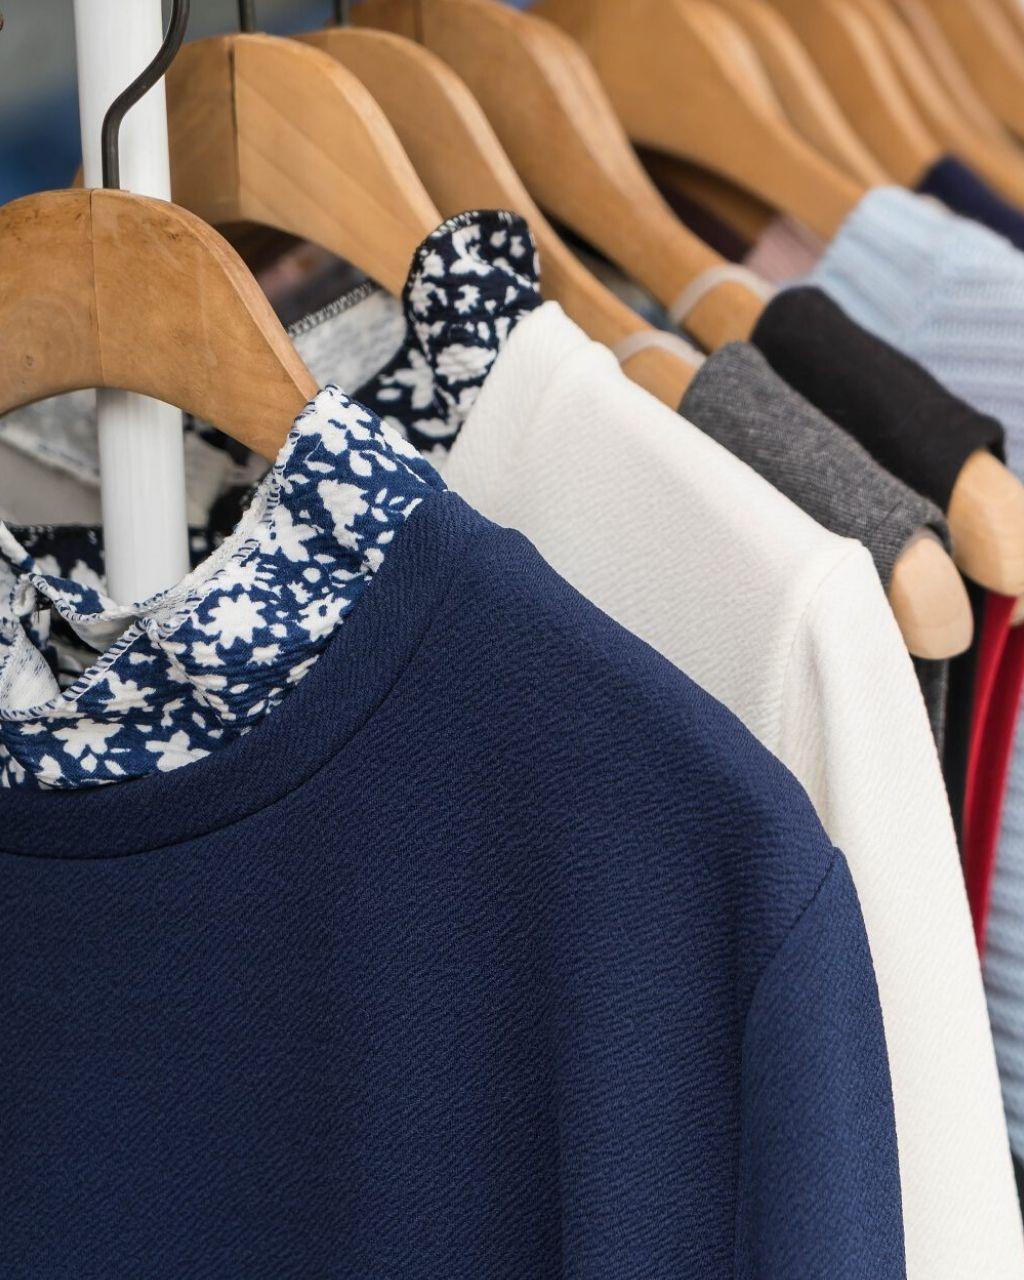 Organizacja szafy, przechowywanie ubrań i bielizny